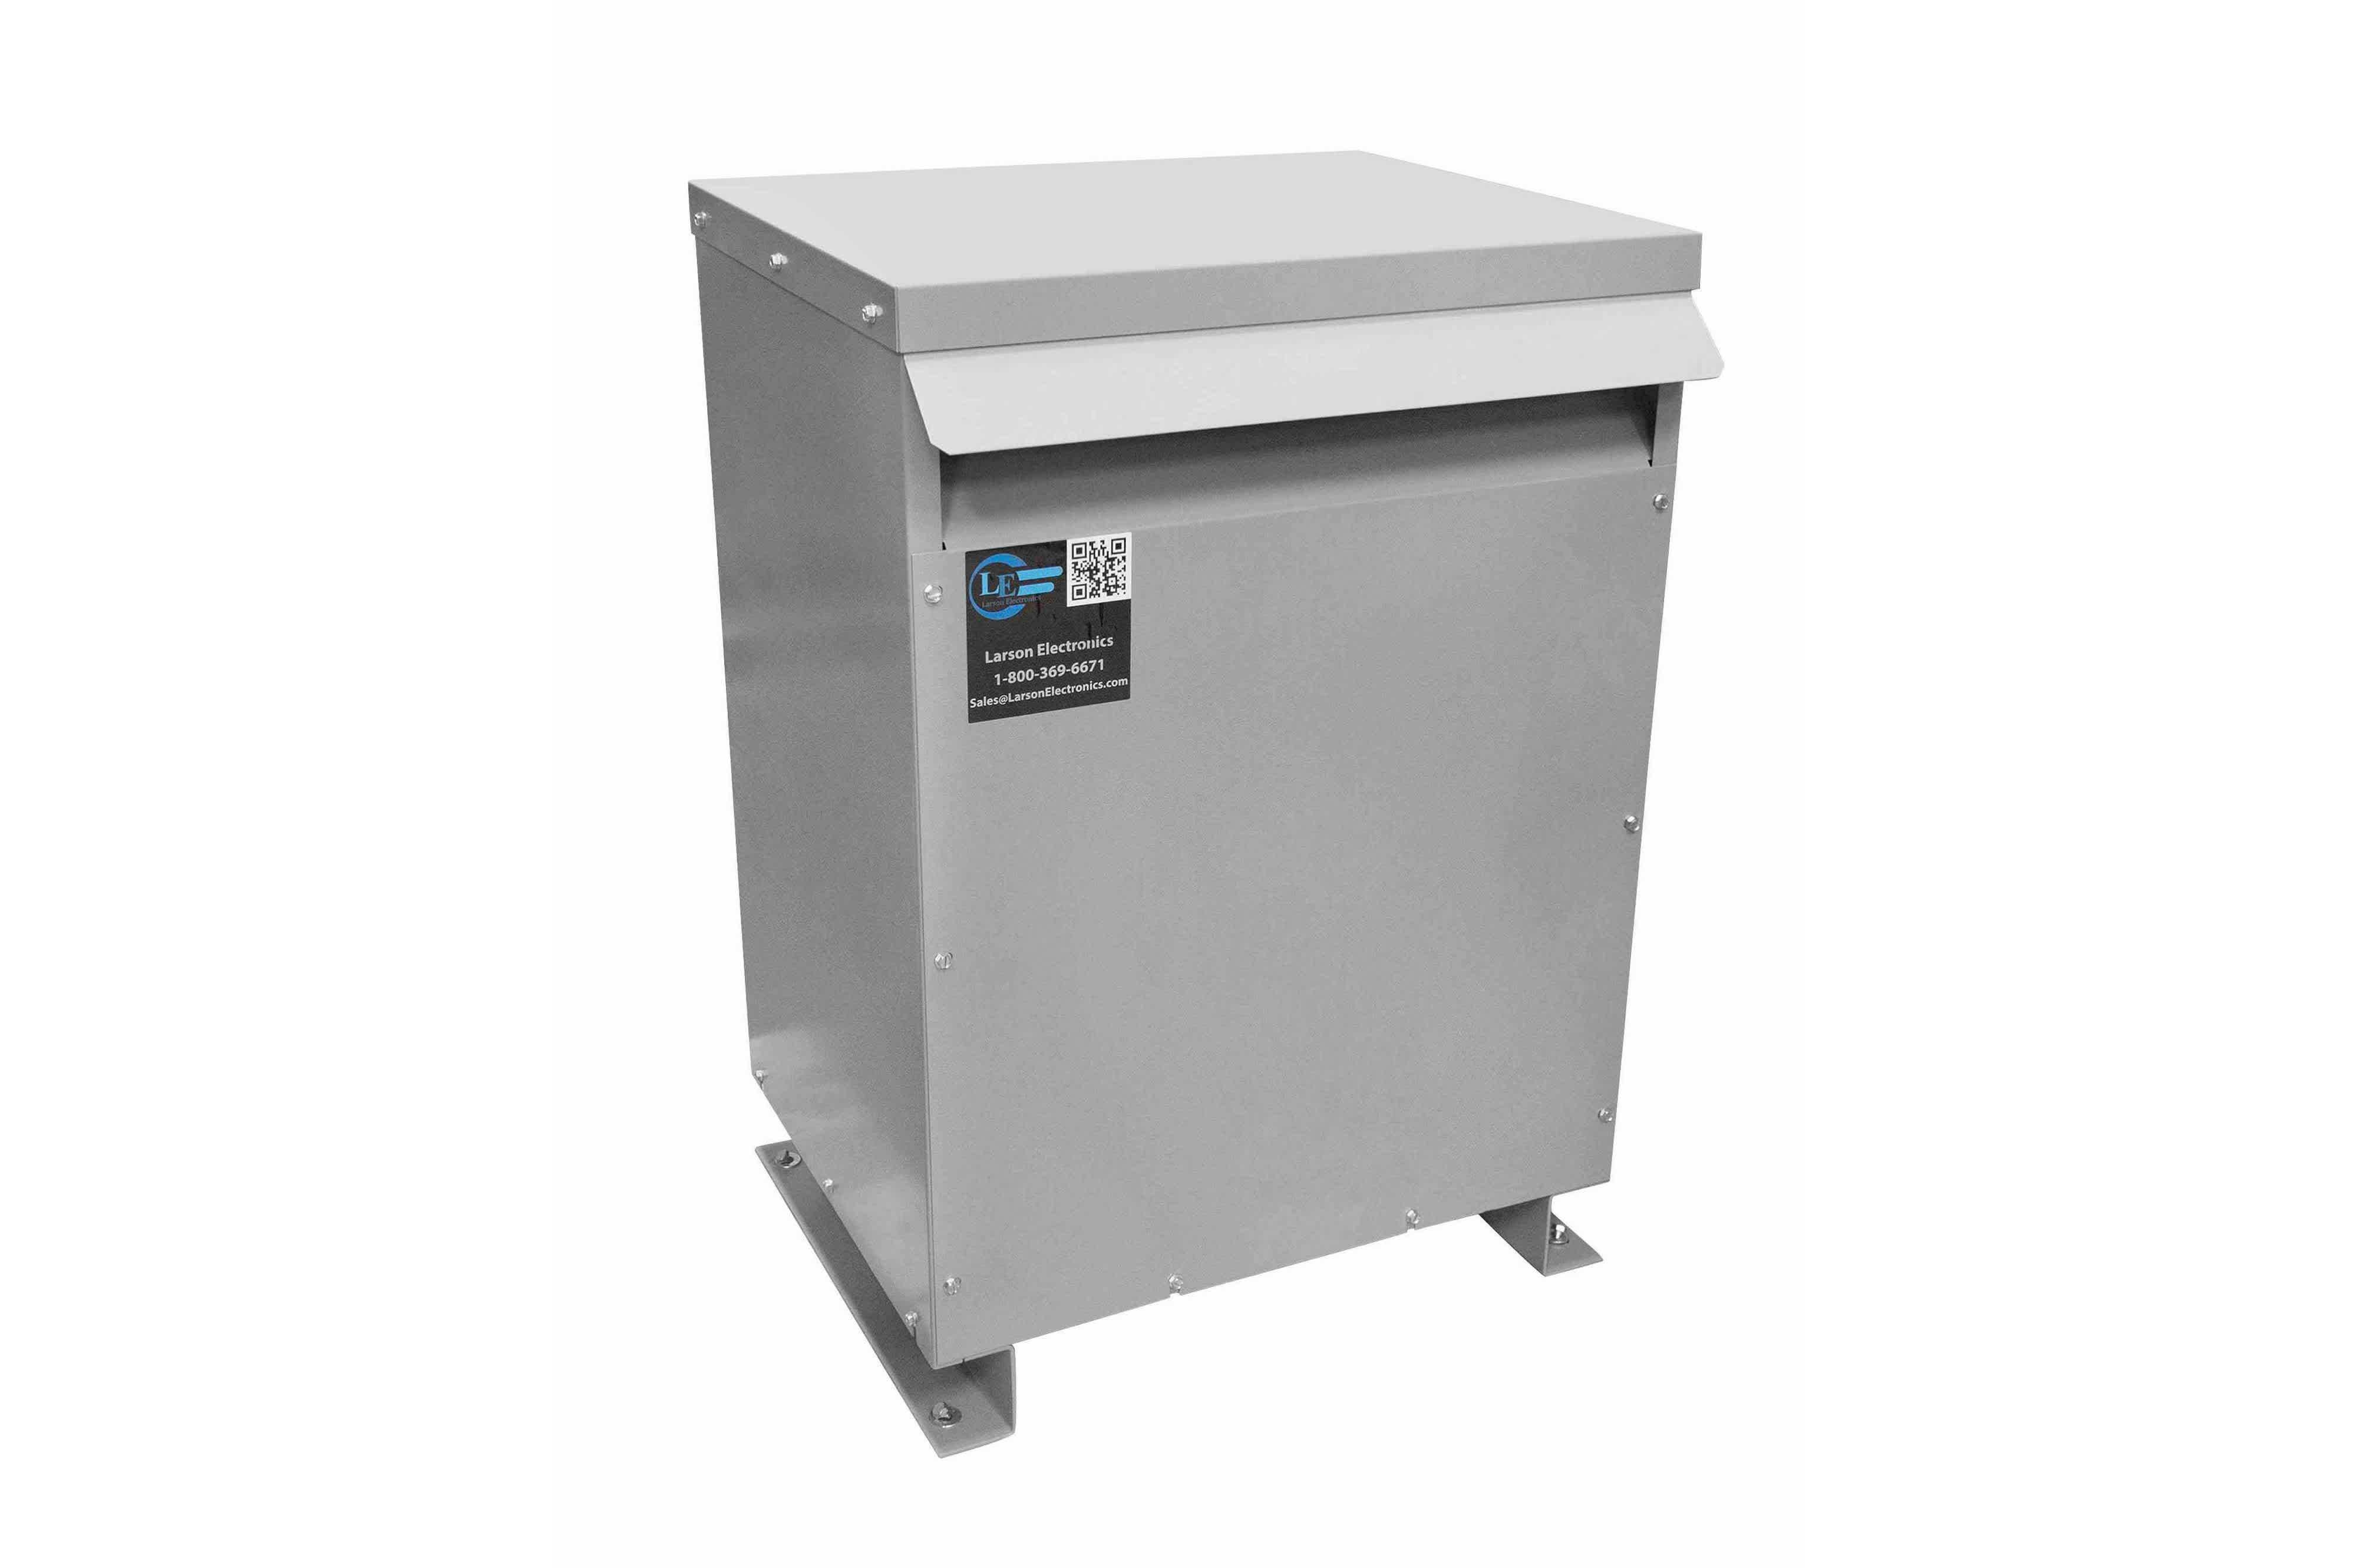 10 kVA 3PH Isolation Transformer, 480V Delta Primary, 575V Delta Secondary, N3R, Ventilated, 60 Hz